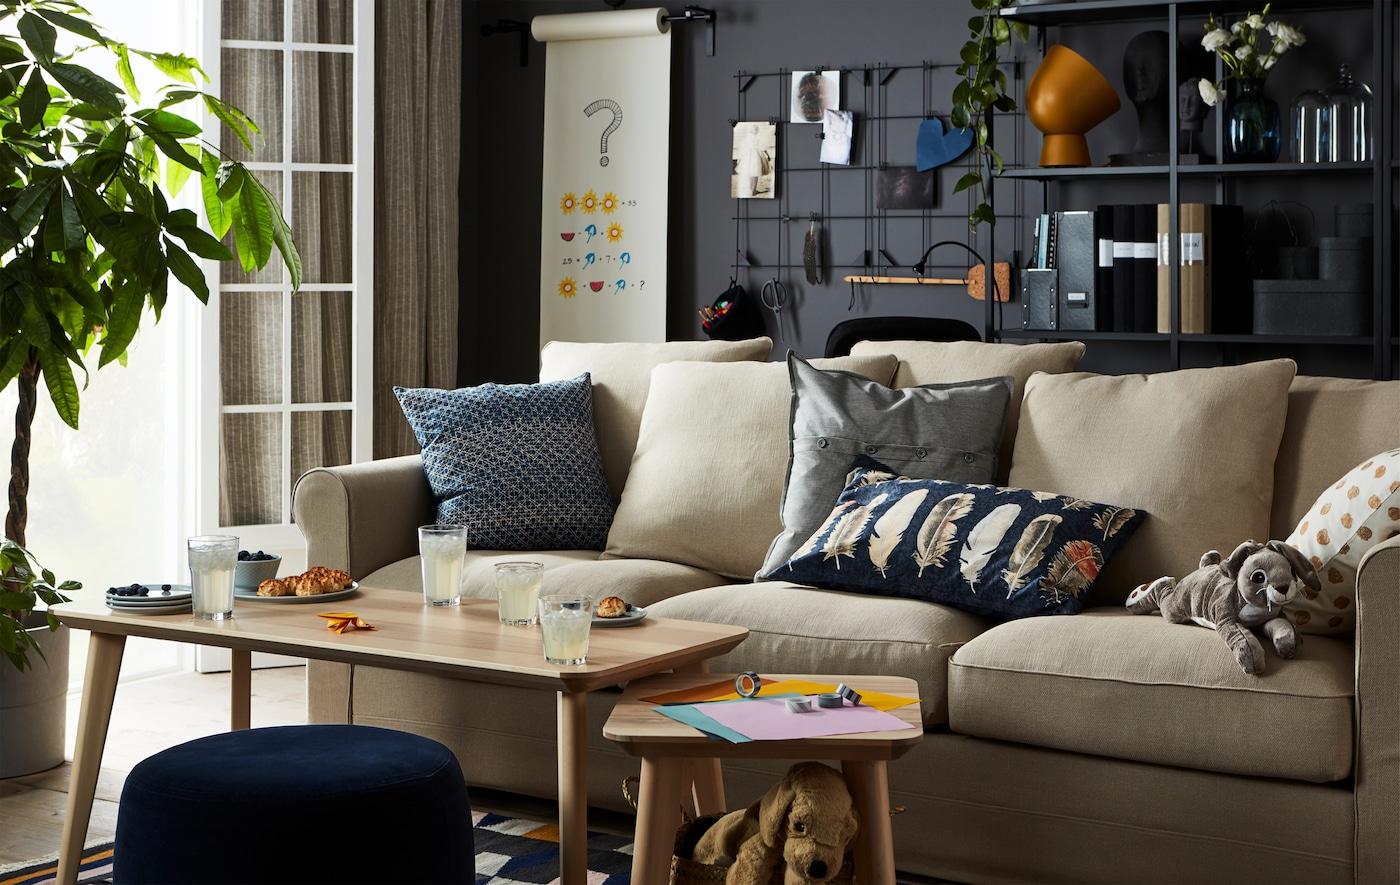 Soggiorno con divano, tavolino, origami e spuntini - IKEA